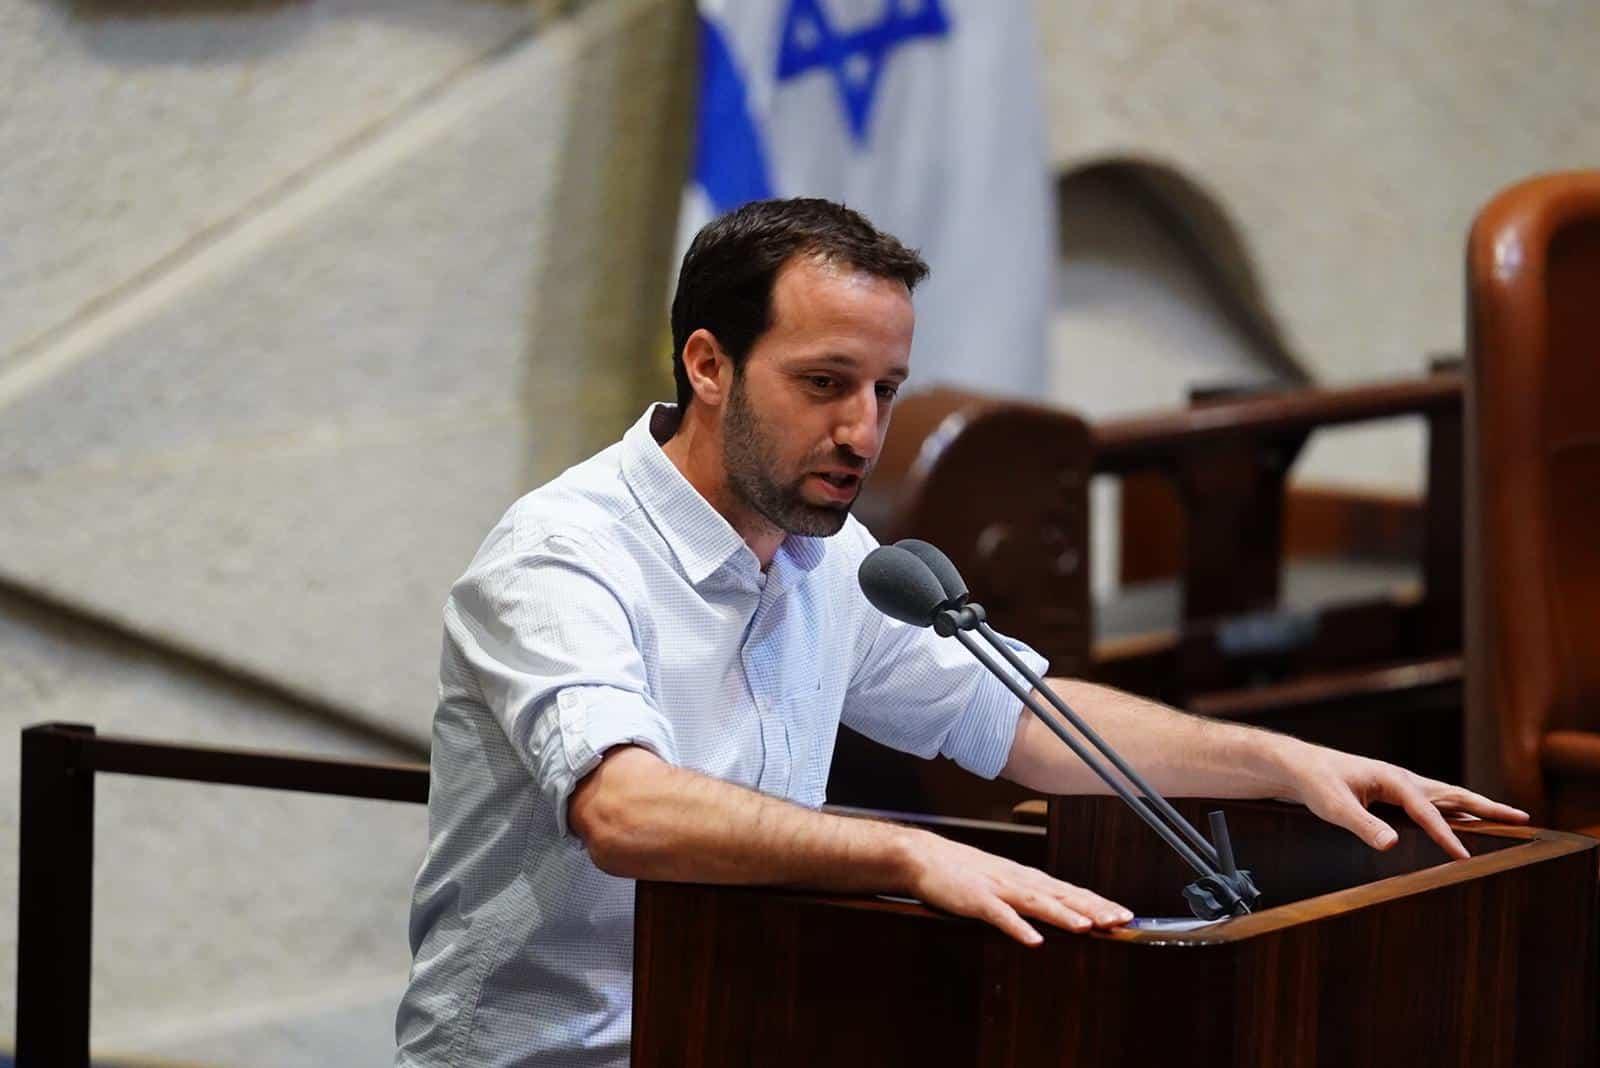 איציק שמולי, מליאת הכנסת, 27 במאי 2020 (צילום: דוברות הכנסת - עדינה ולמן)